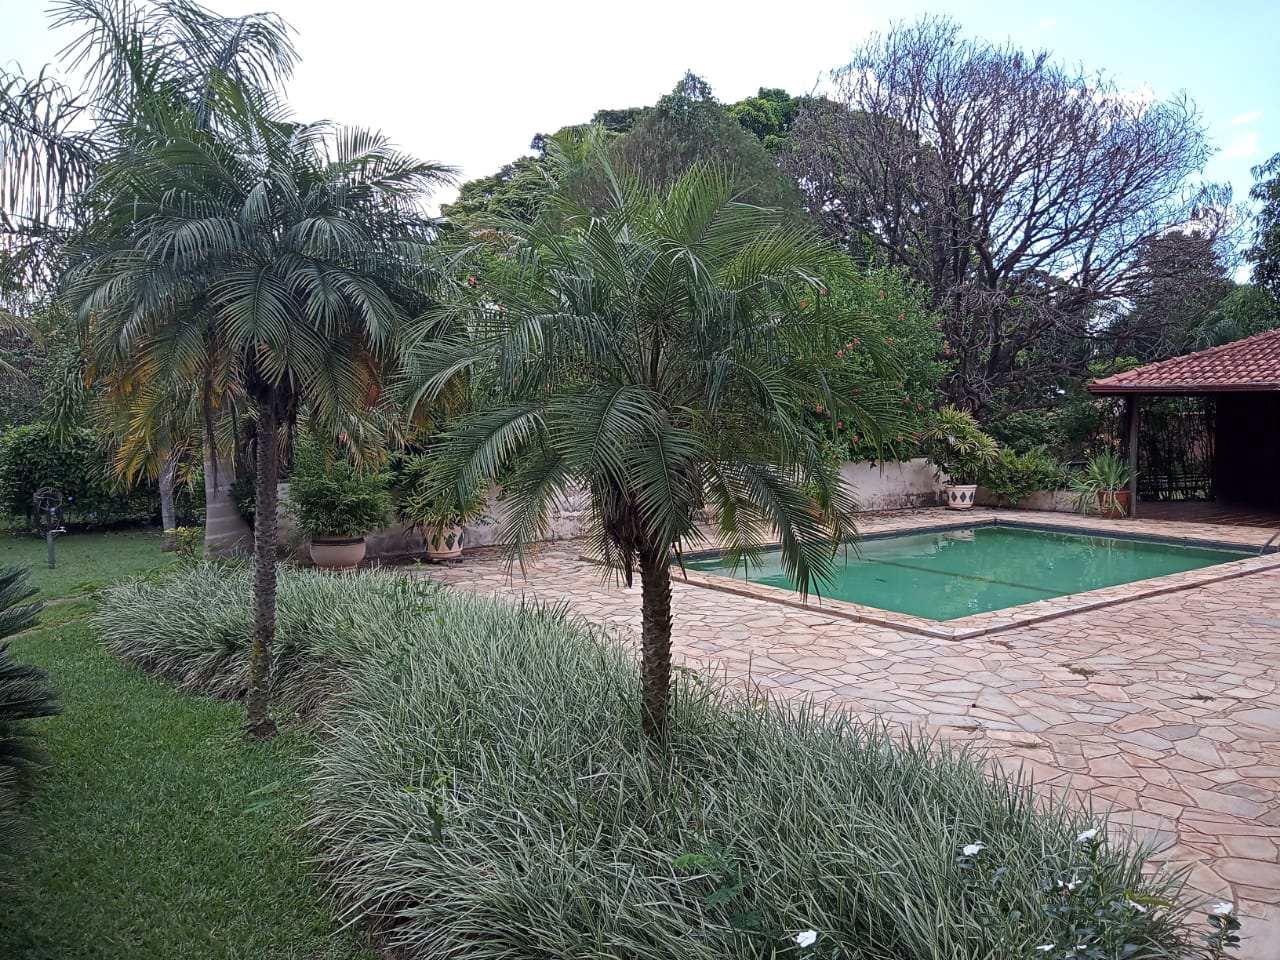 Chácara com 3 dorms, Condomínio  Estância Beira Rio, Jardinópolis - R$ 700 mil, Cod: 1722803